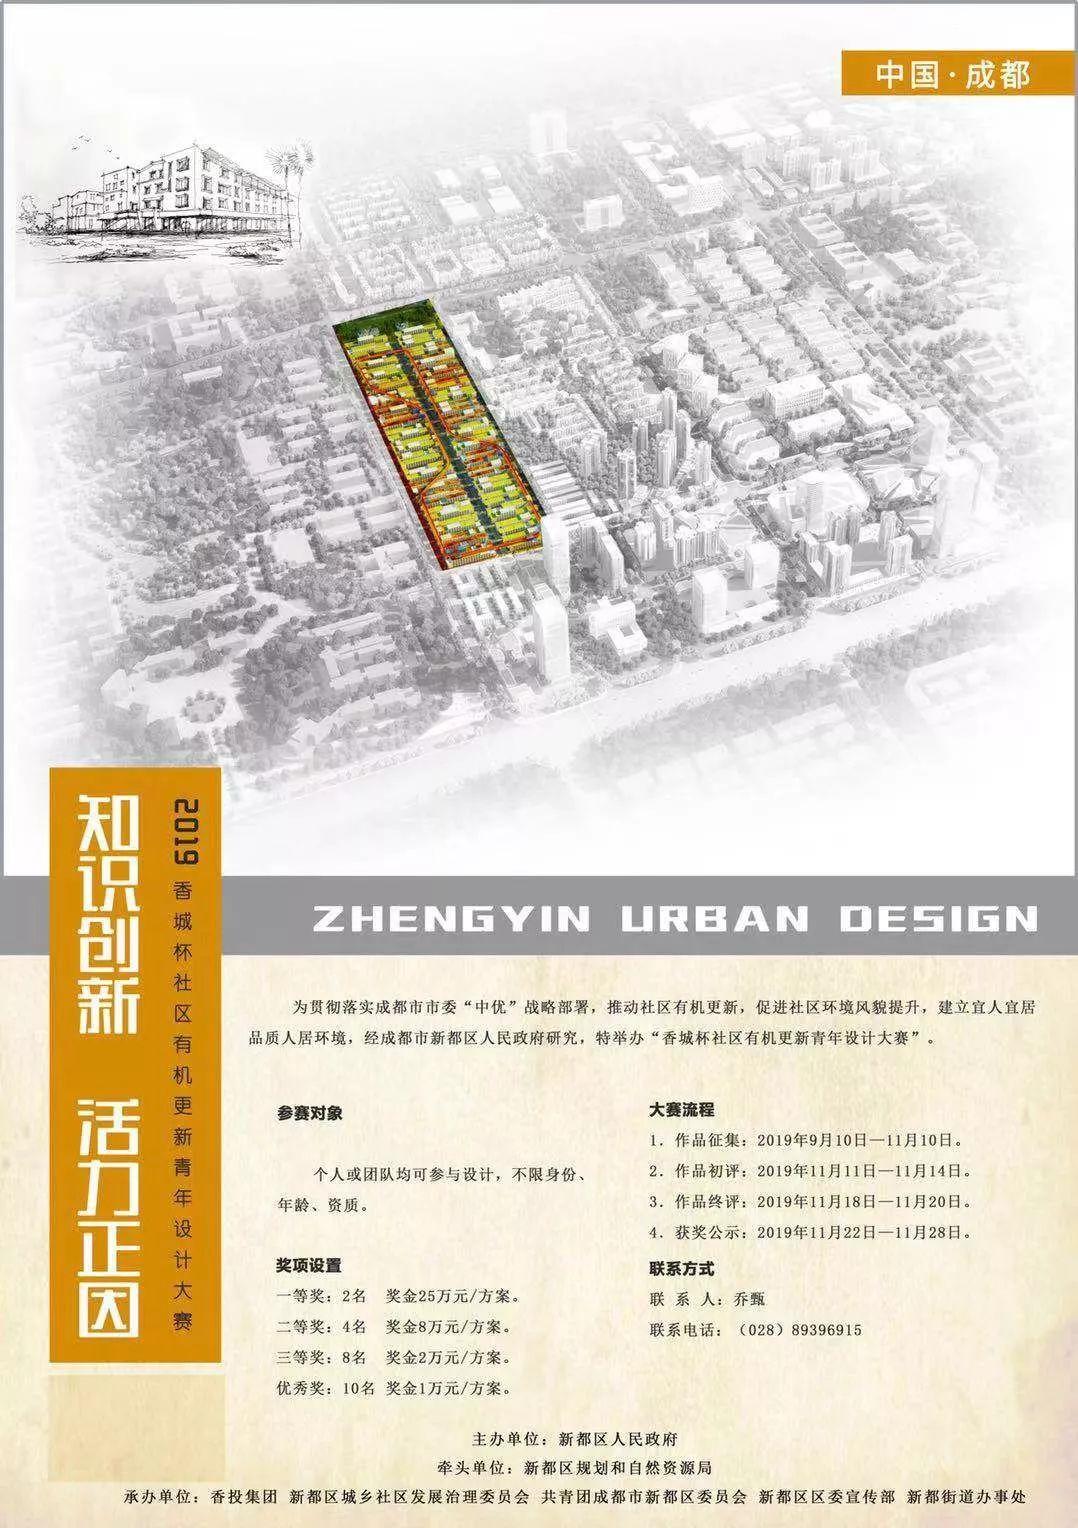 「香城杯」社區有機更新青年設計大賽